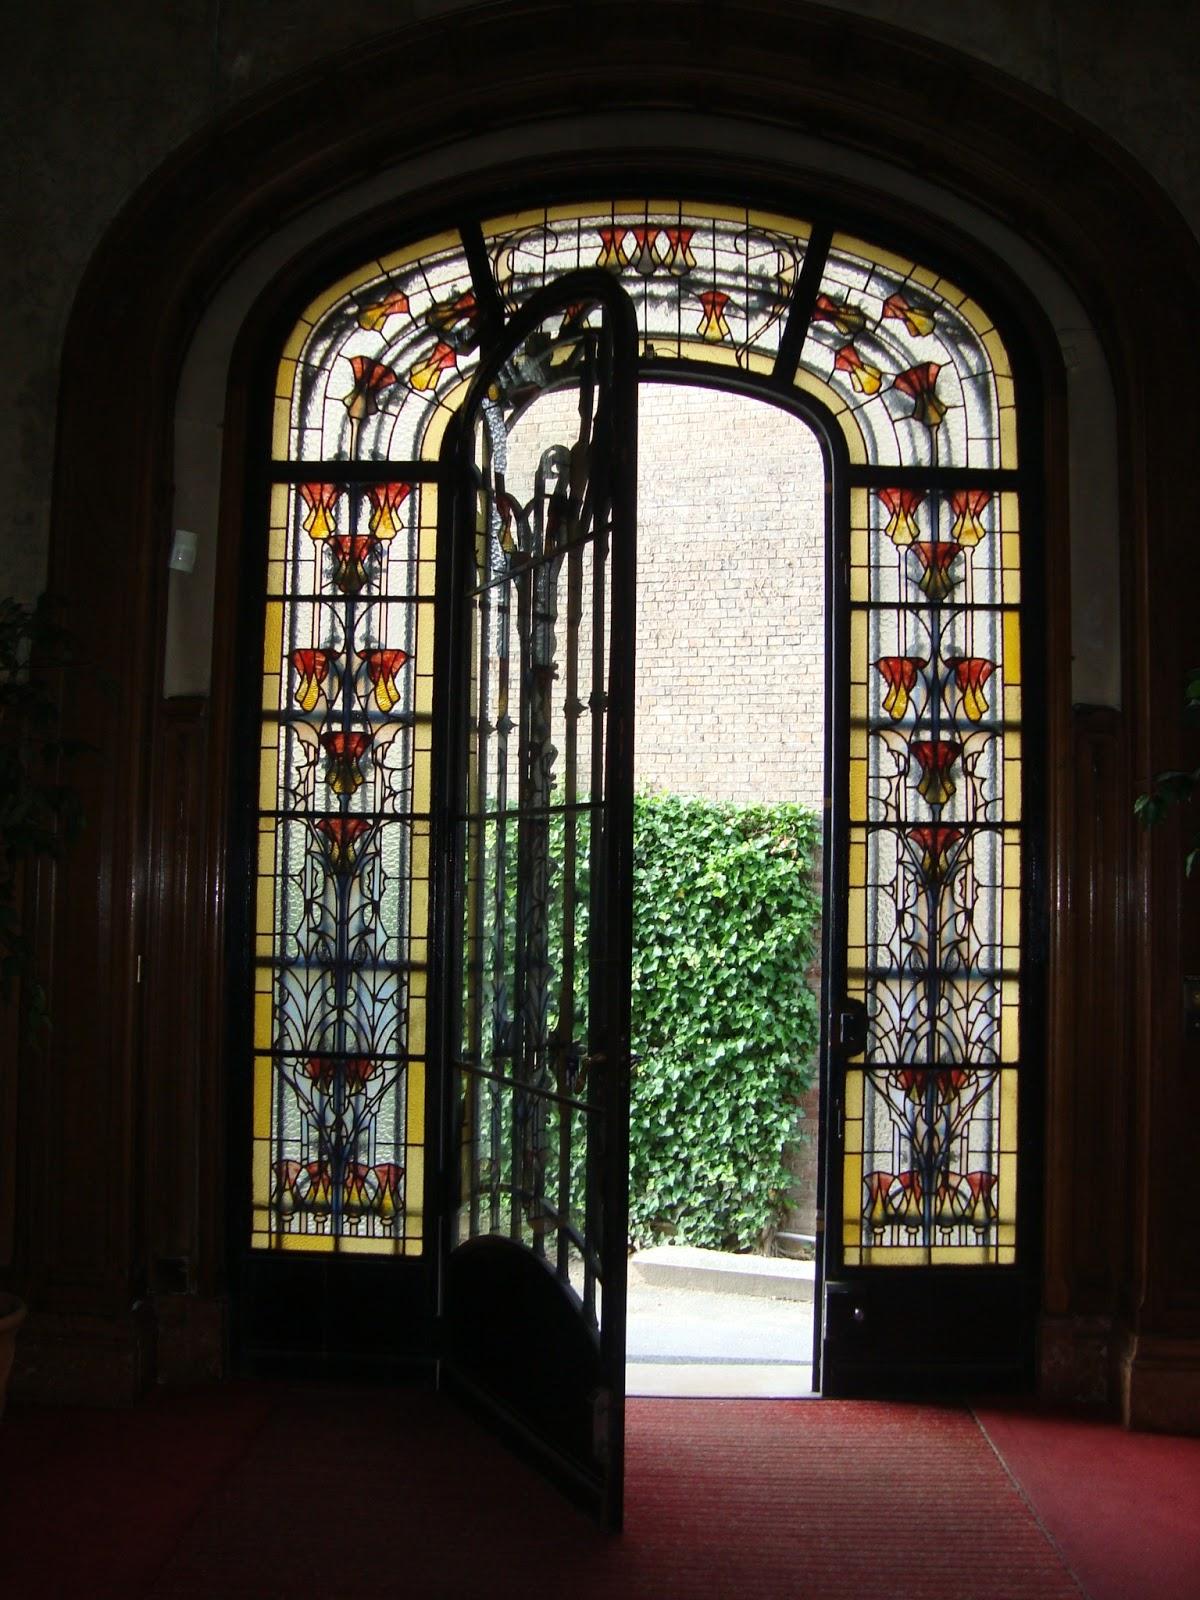 Paseos art nouveau int rieur rez de chauss e de h tel for Art nouveau interieur